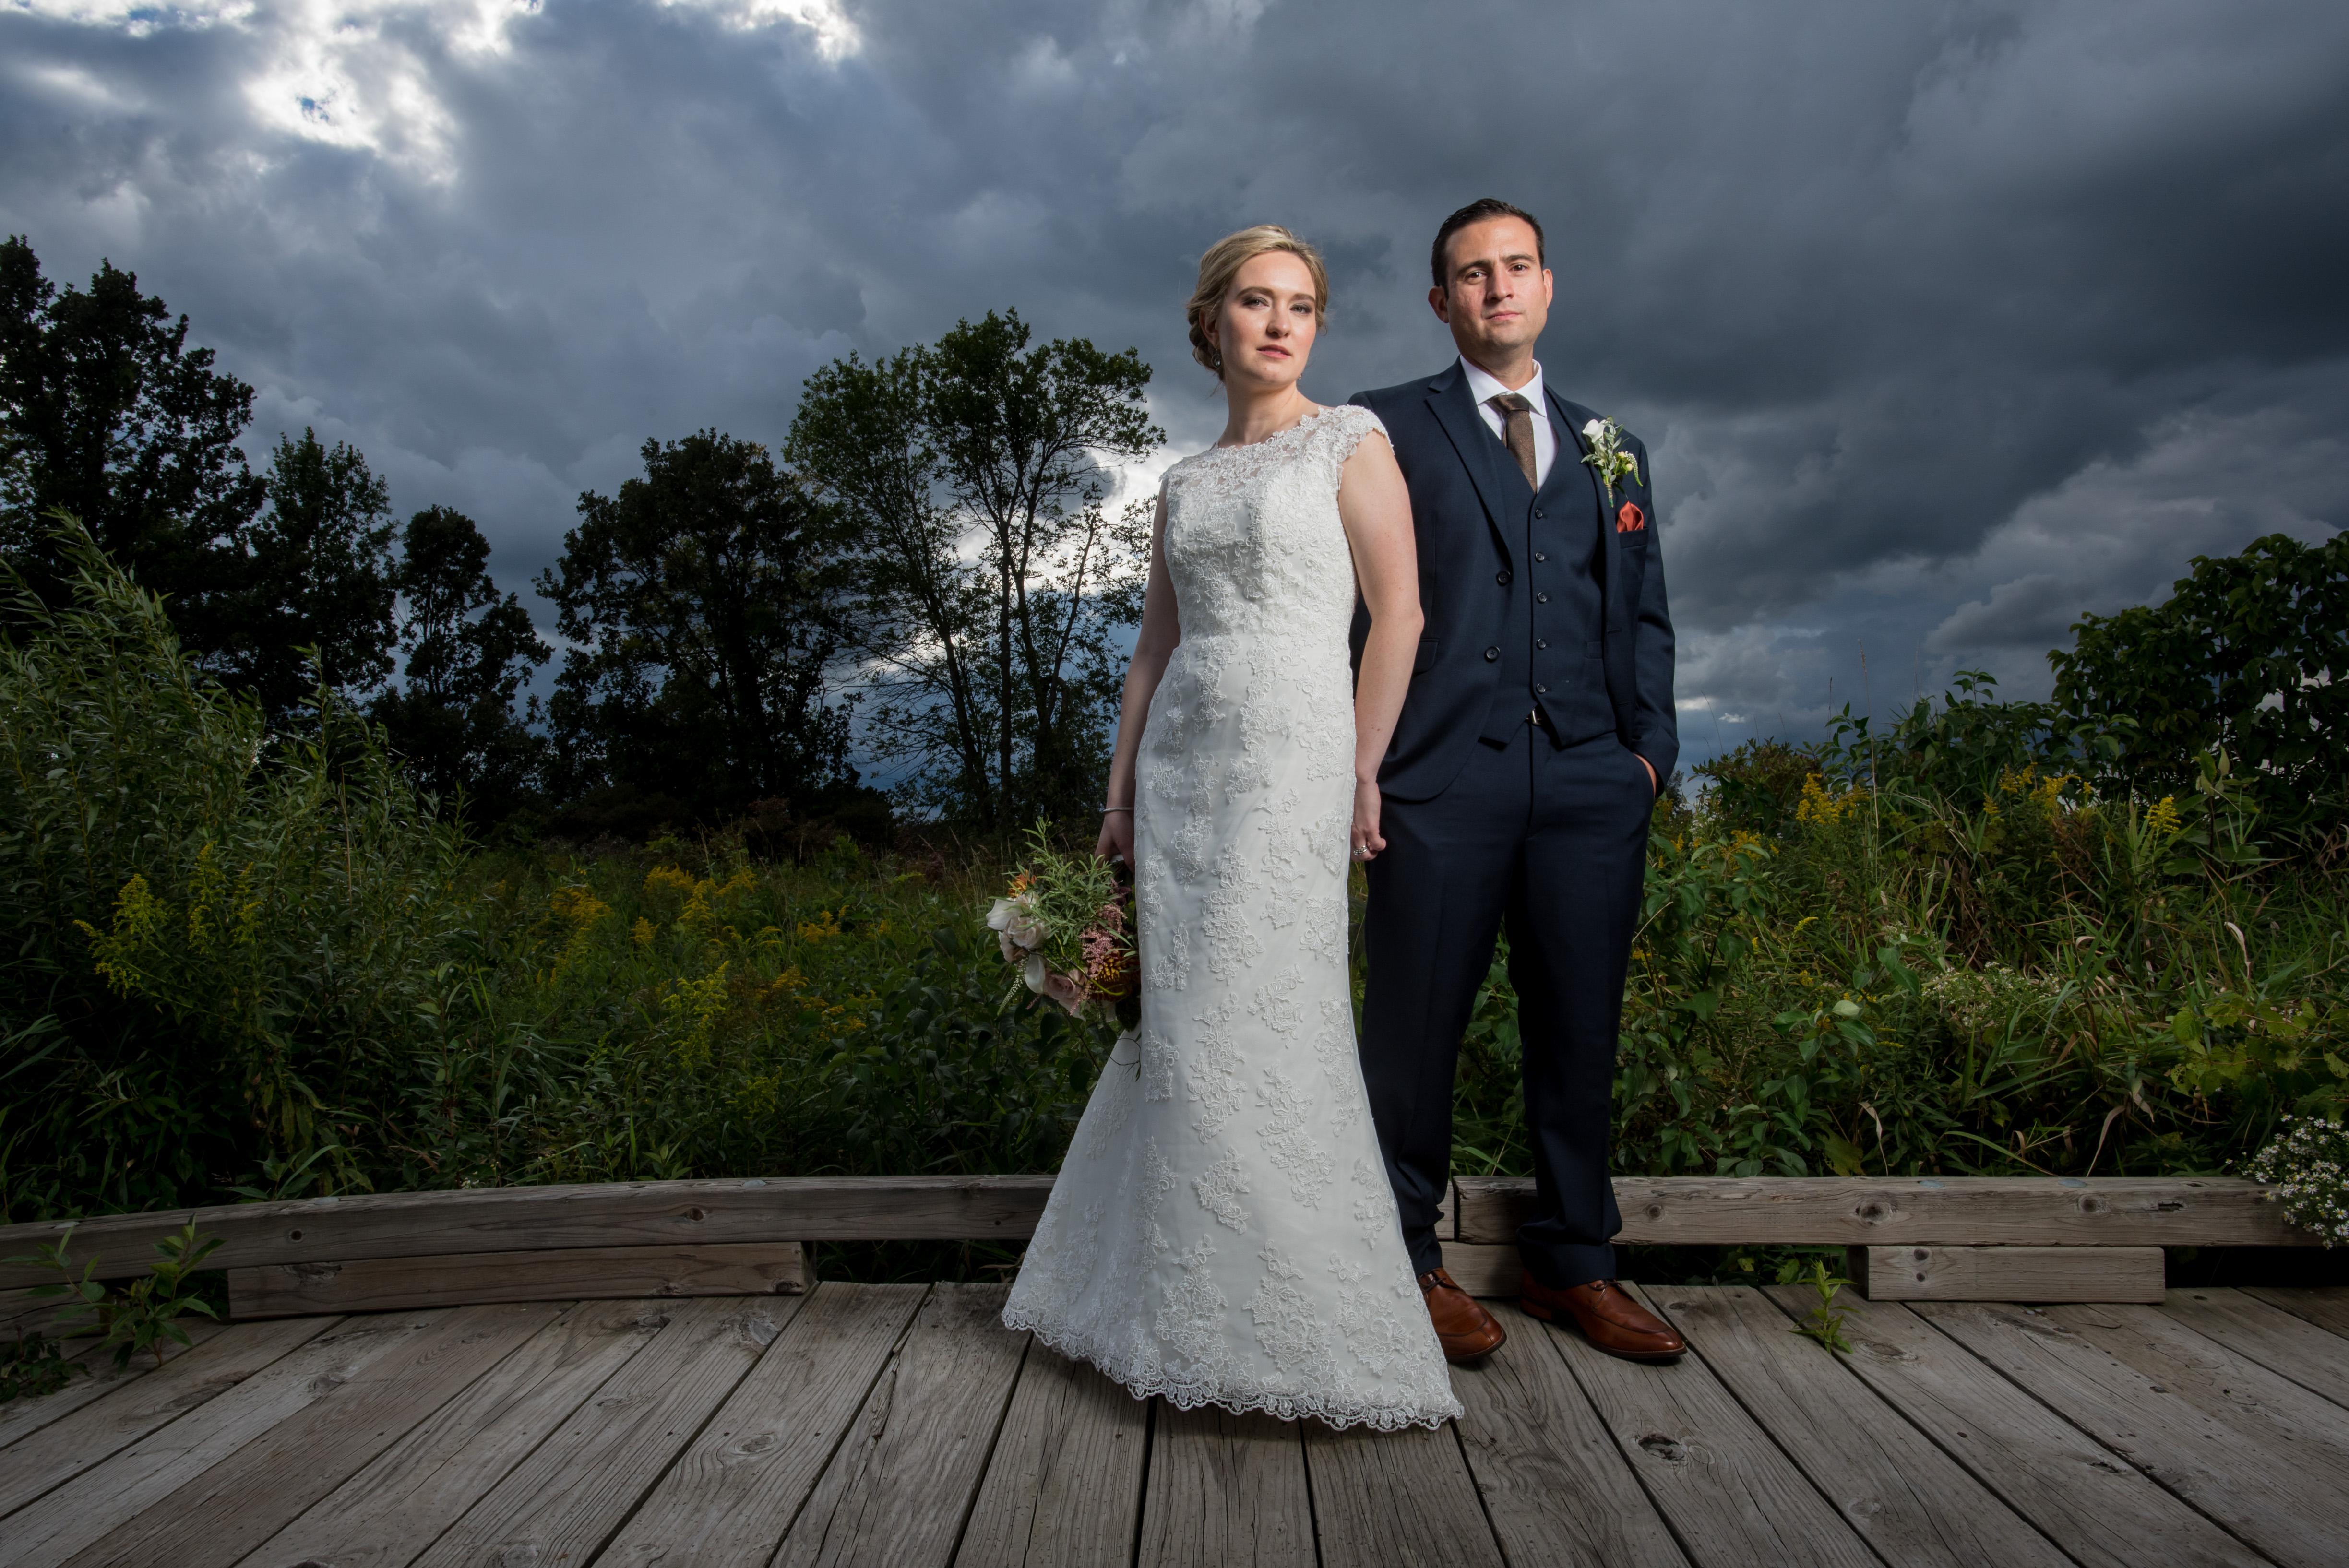 Milwaukee Wedding Photography-Jadon Good Photography_028